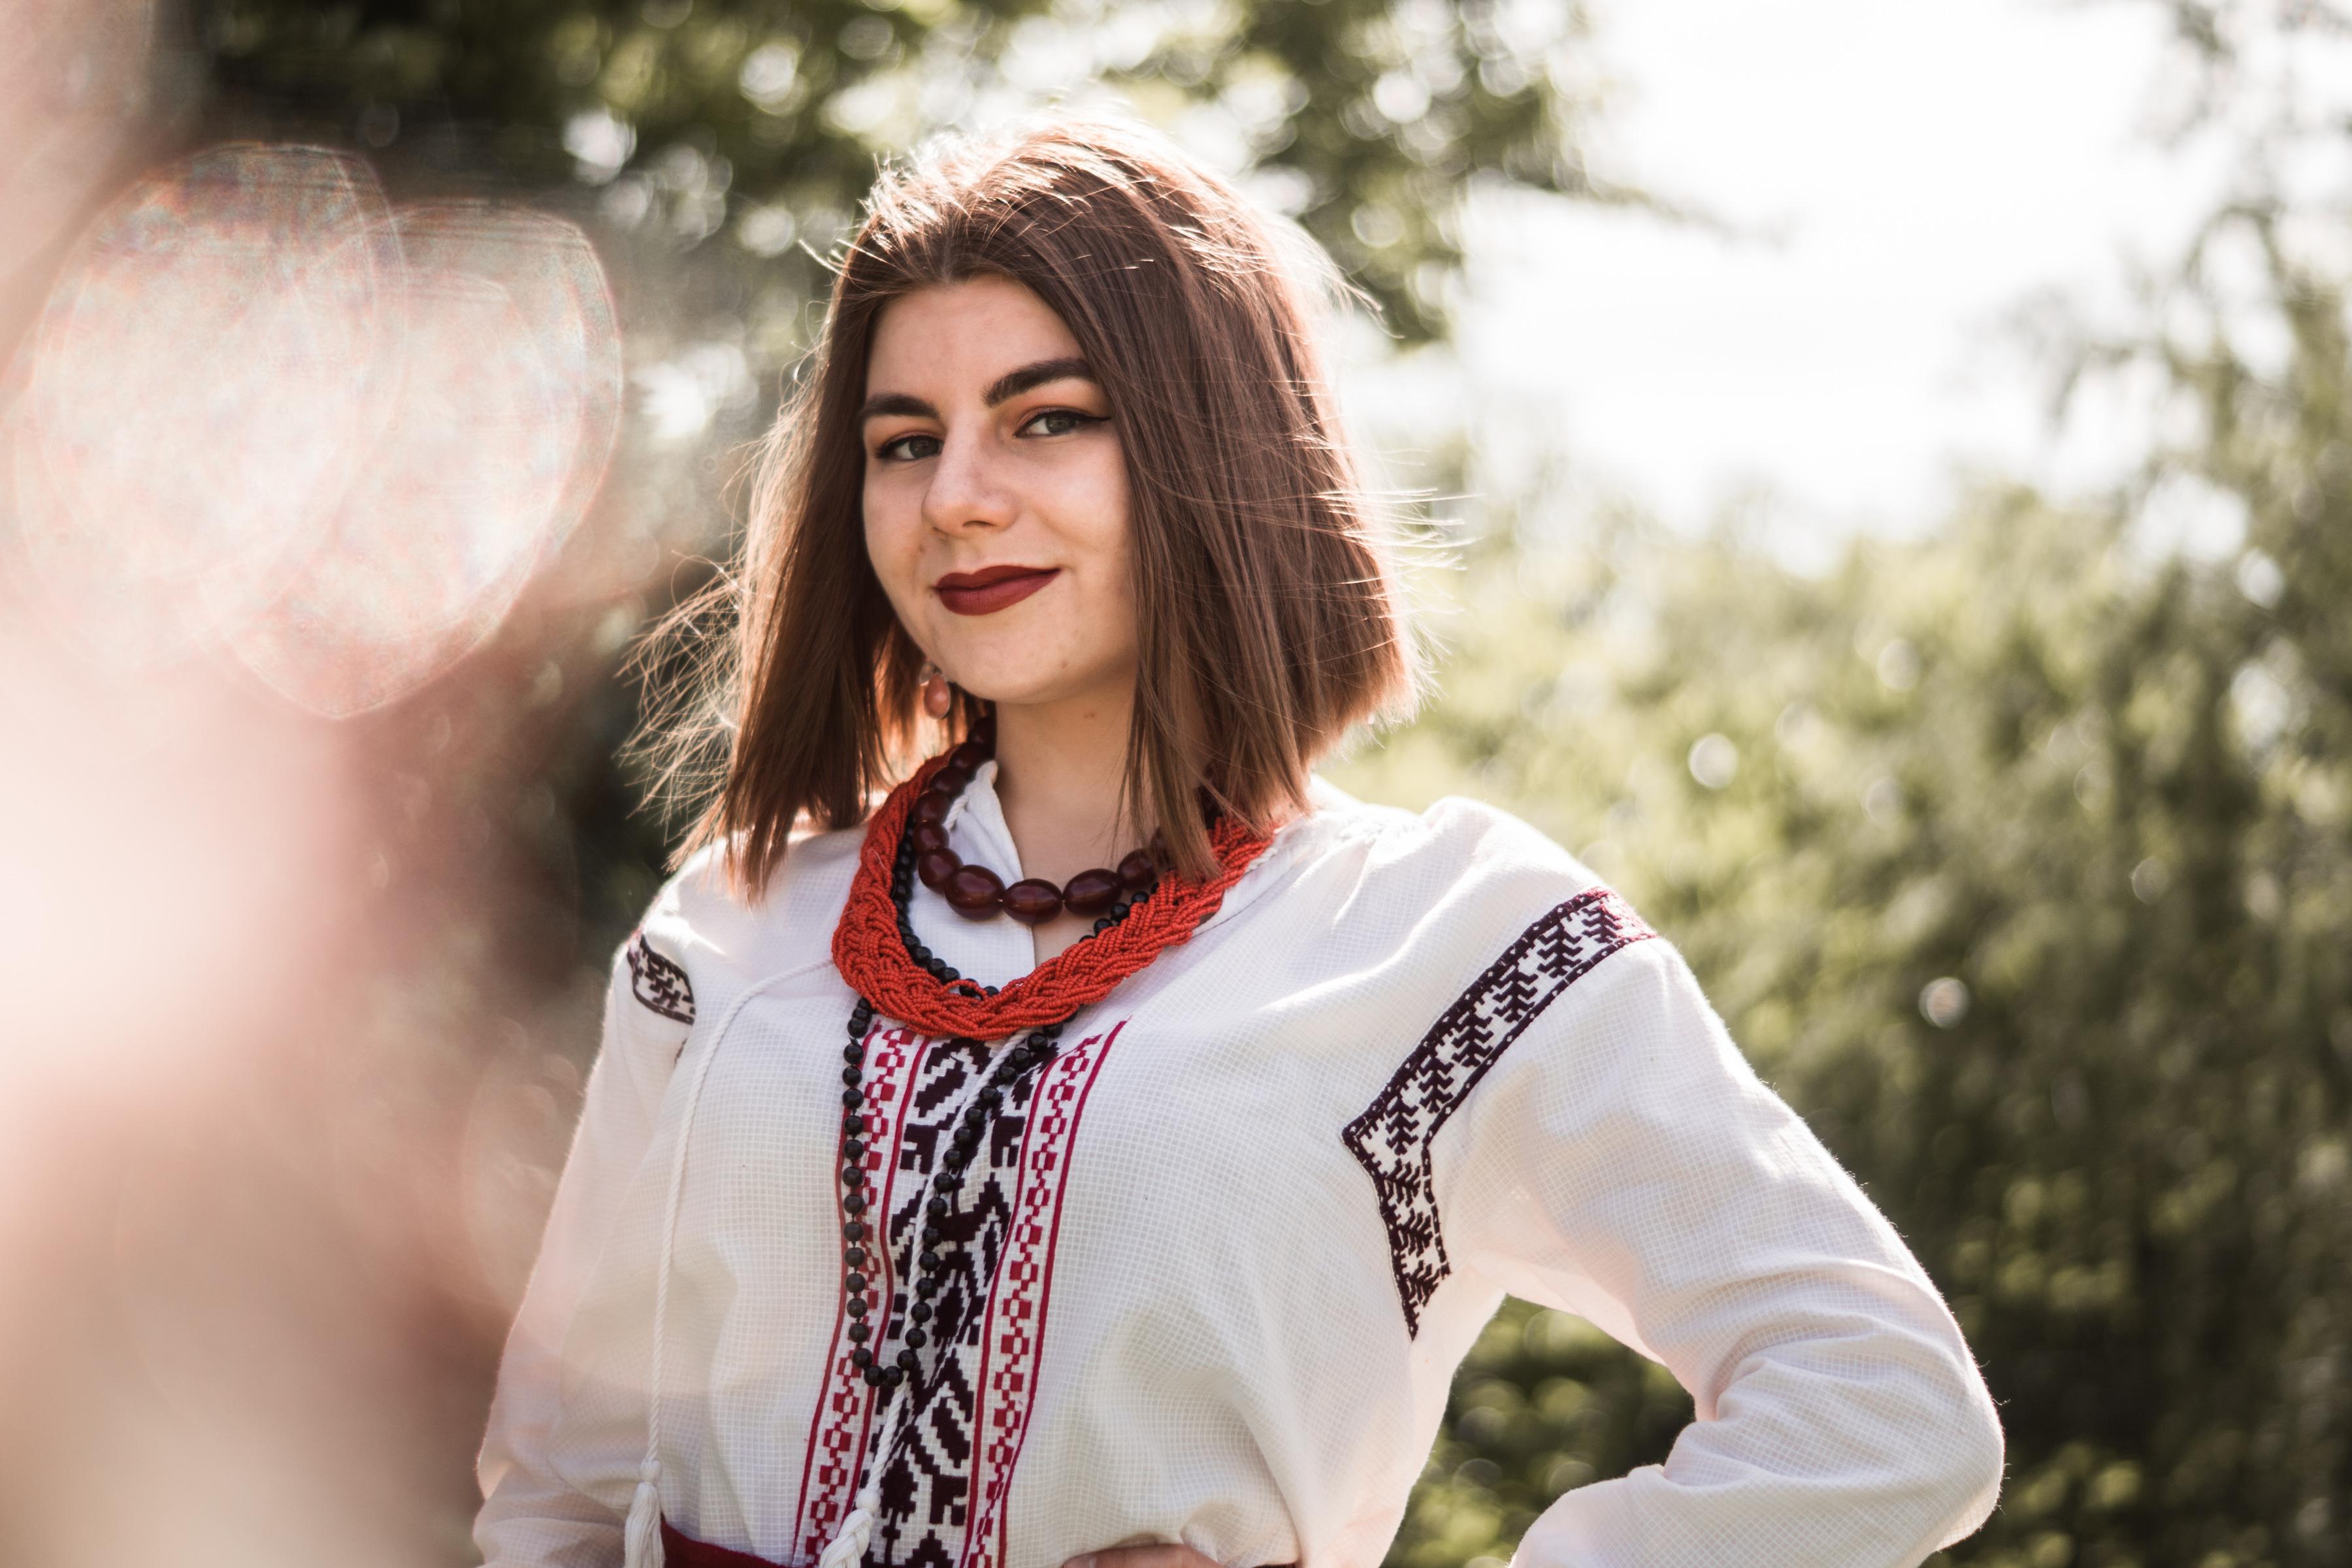 fot. Martyna Fularczyk